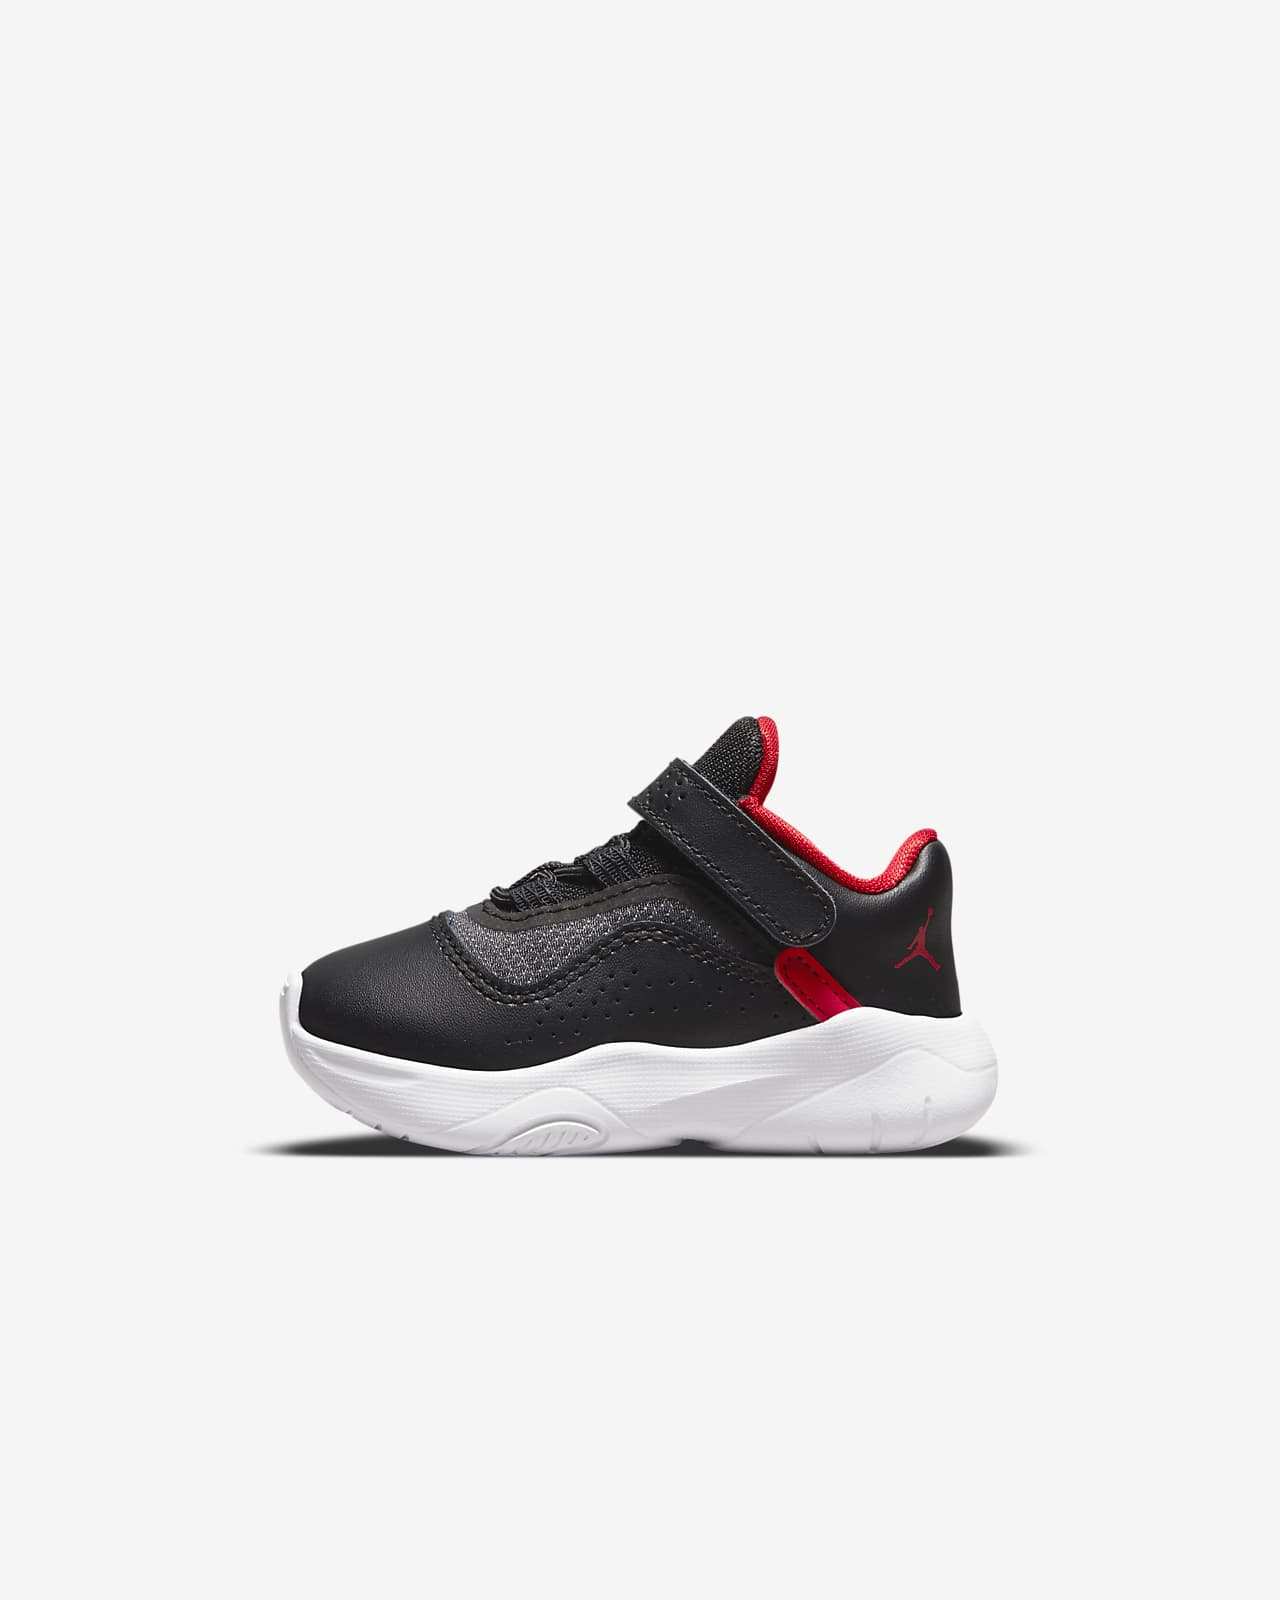 Chaussure Jordan 11 CMFT Low pour Bébé et Petit enfant